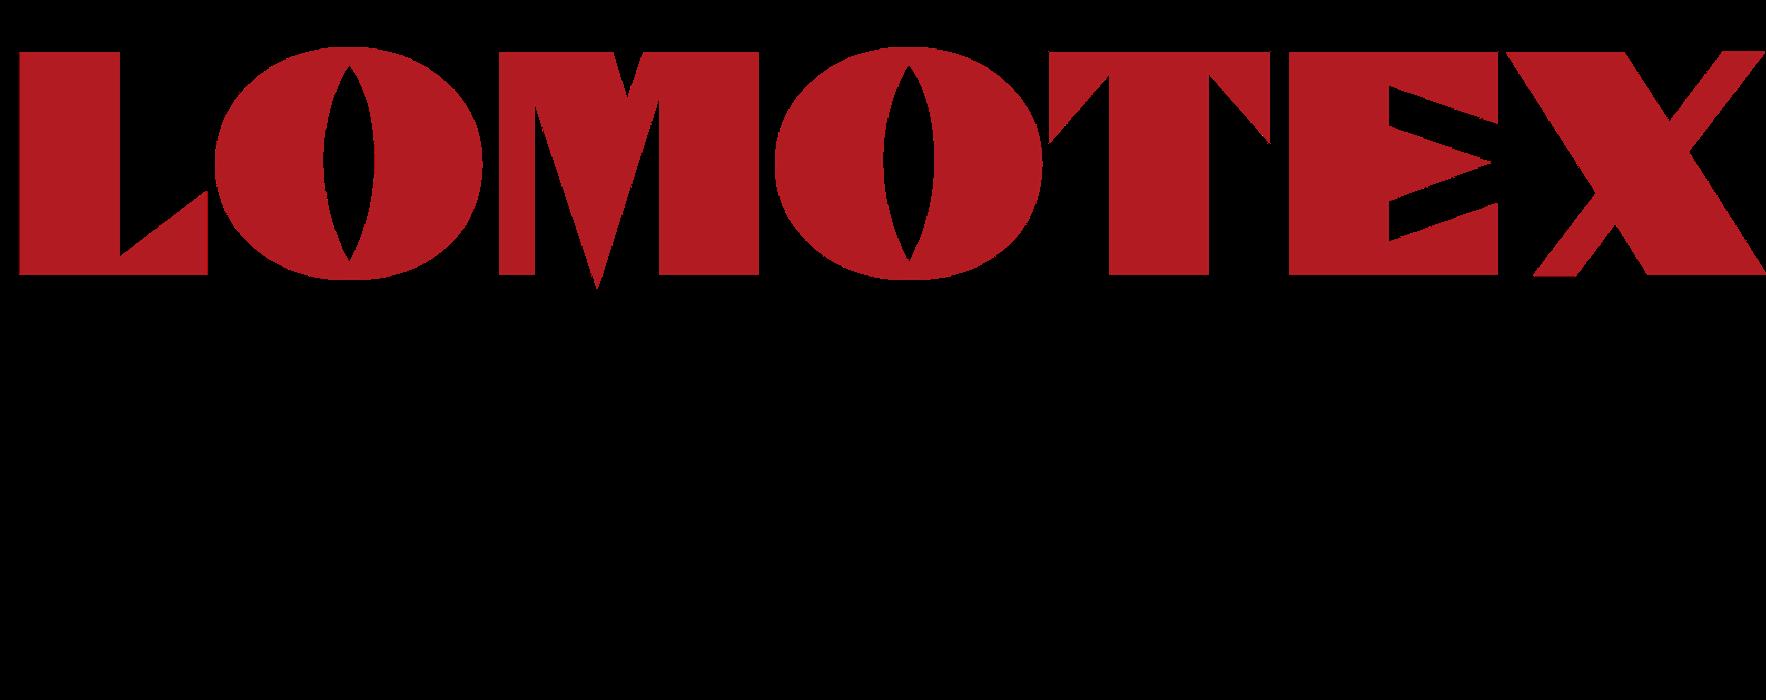 Bild zu Lomotex GmbH & Co. KG in Heusenstamm